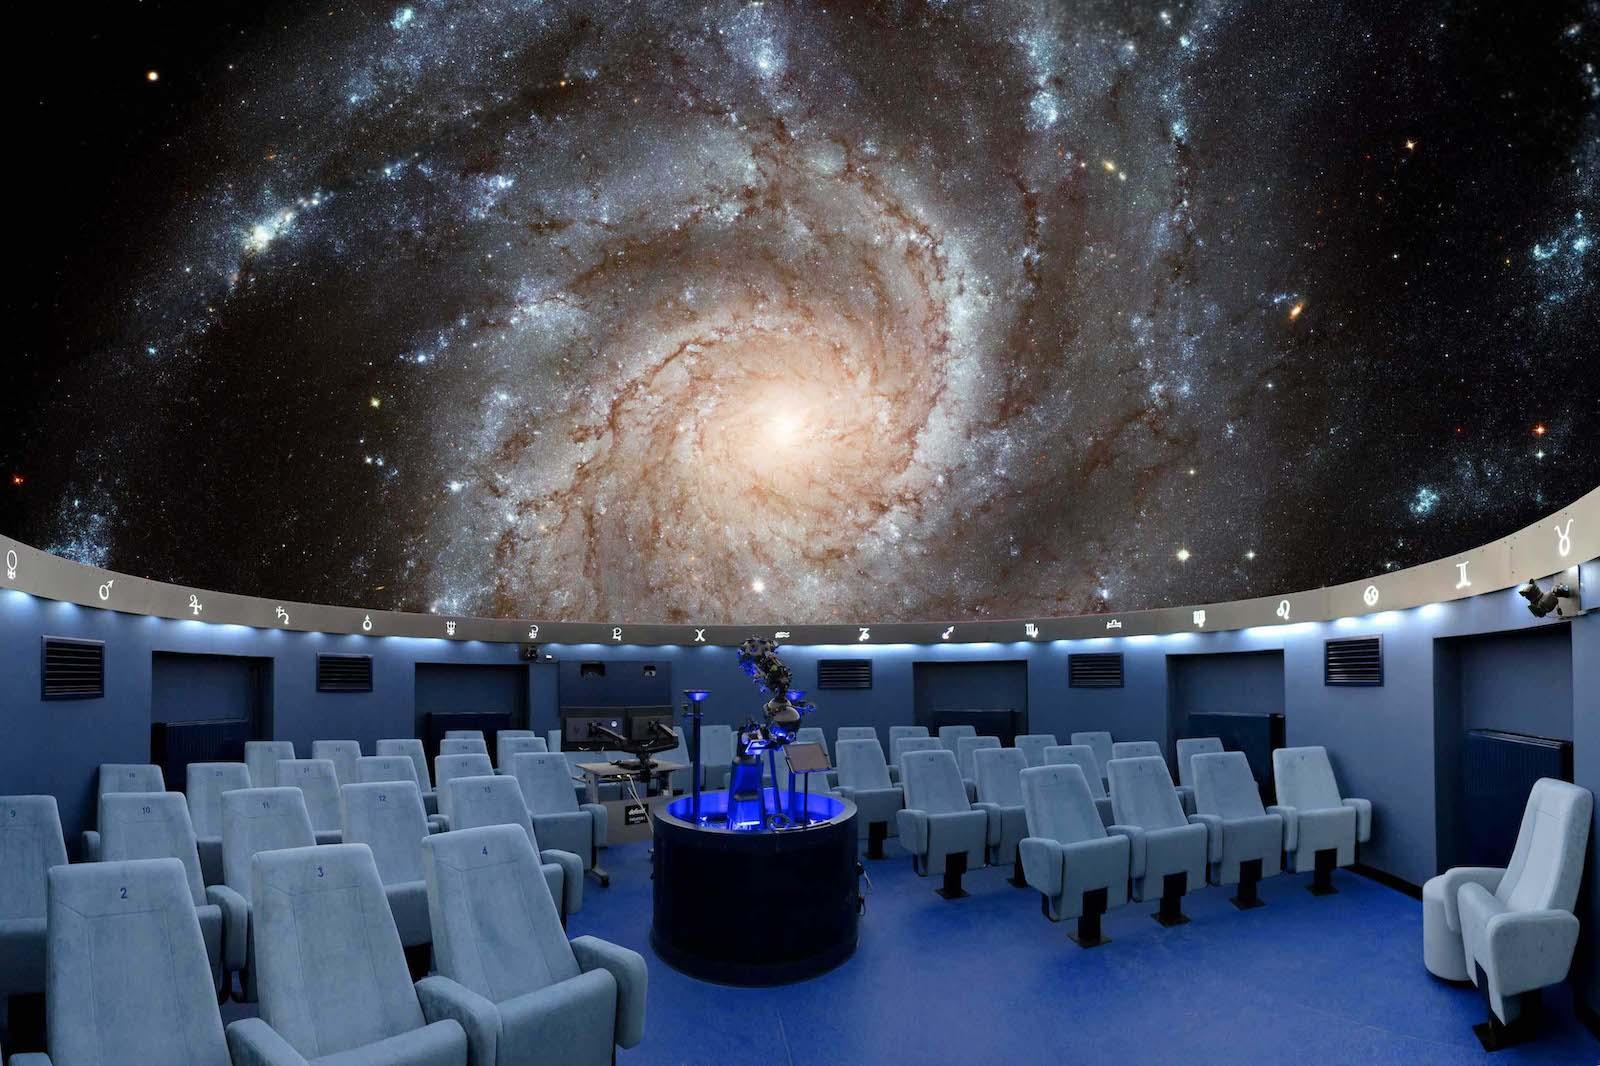 Inside Planetarium